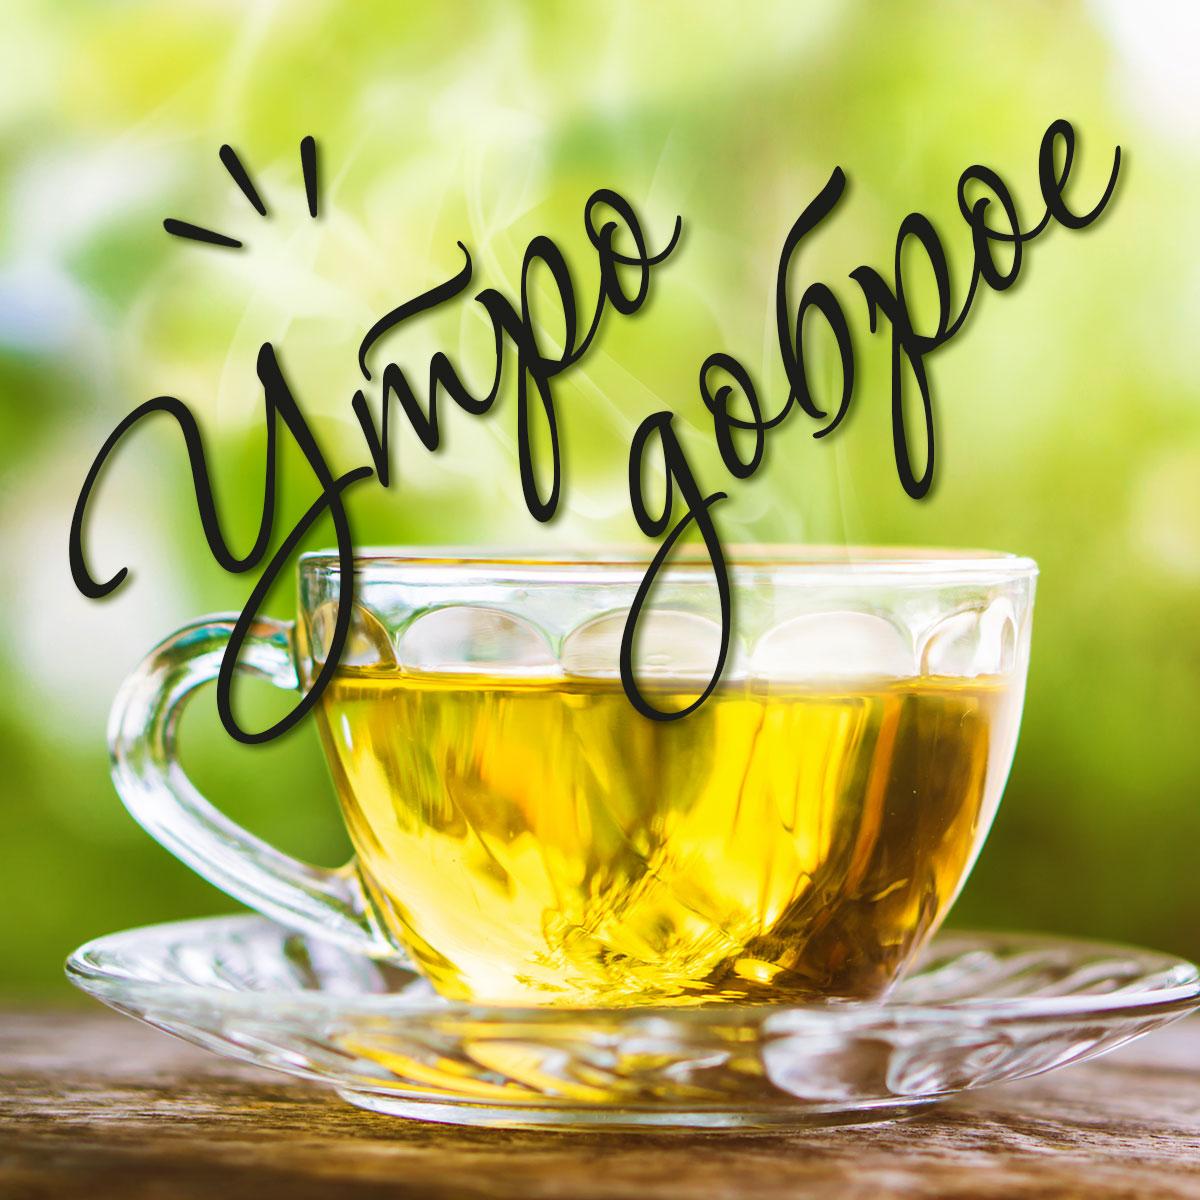 Стеклянная чашка на блюдце с чаем жёлтого цвета на зелёном фоне.